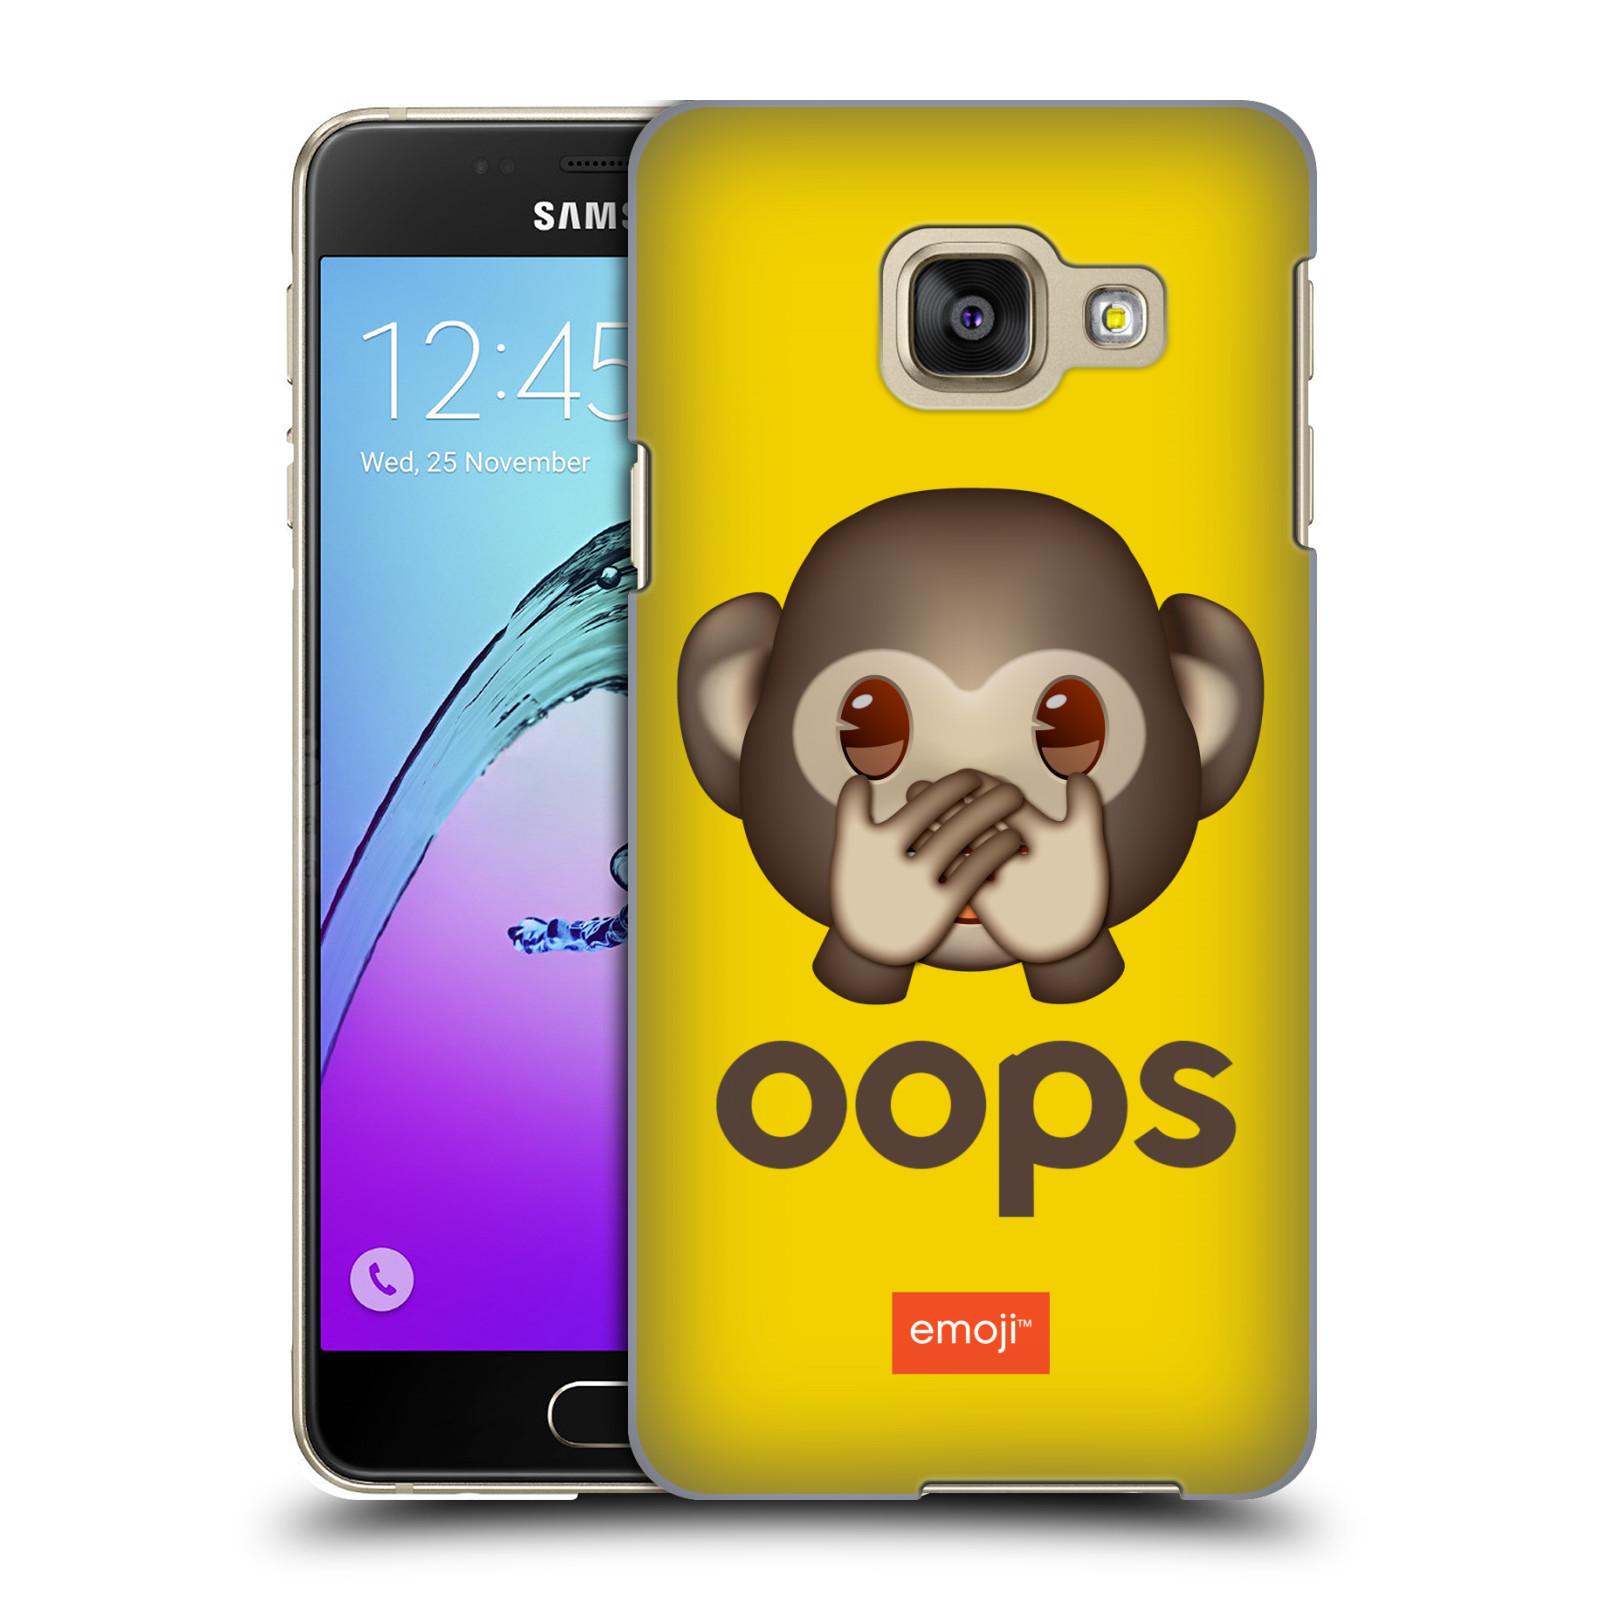 Plastové pouzdro na mobil Samsung Galaxy A3 (2016) HEAD CASE EMOJI - Opička OOPS